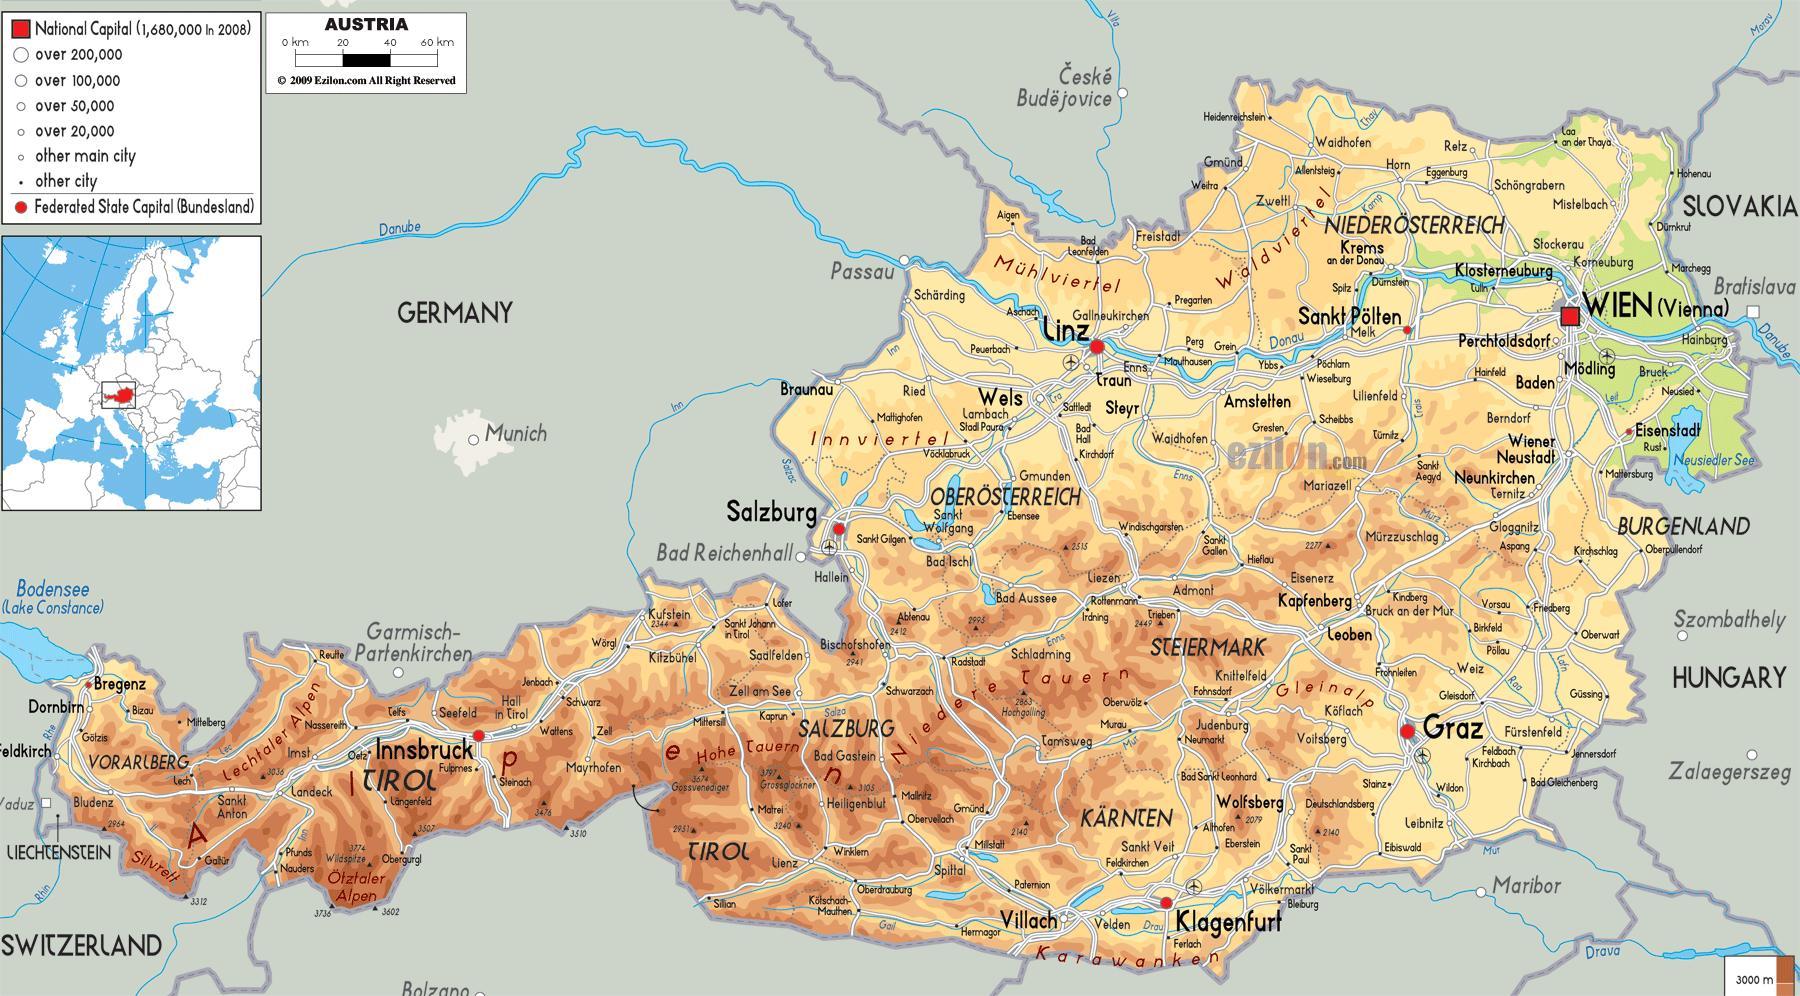 Fysisk Kort Over Ostrig Kort Af Fysisk Kort Over Ostrig Western